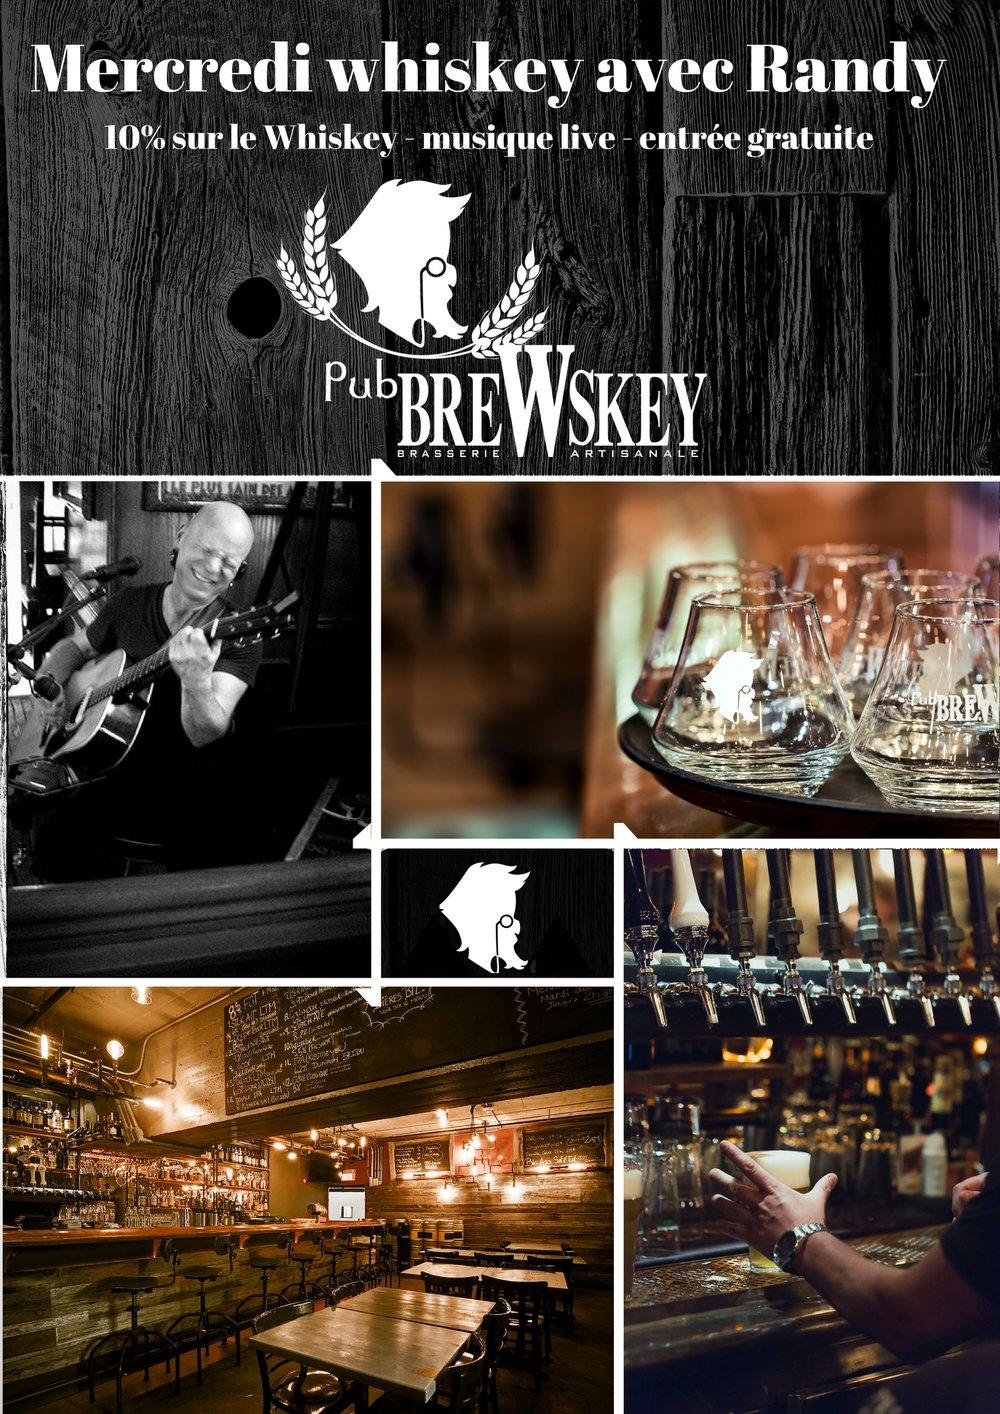 Mercredis Whiskey avec Randy - Venez déguster d'excellents whiskeys et profitez d'un rabais de 10% dessus pour la soirée !